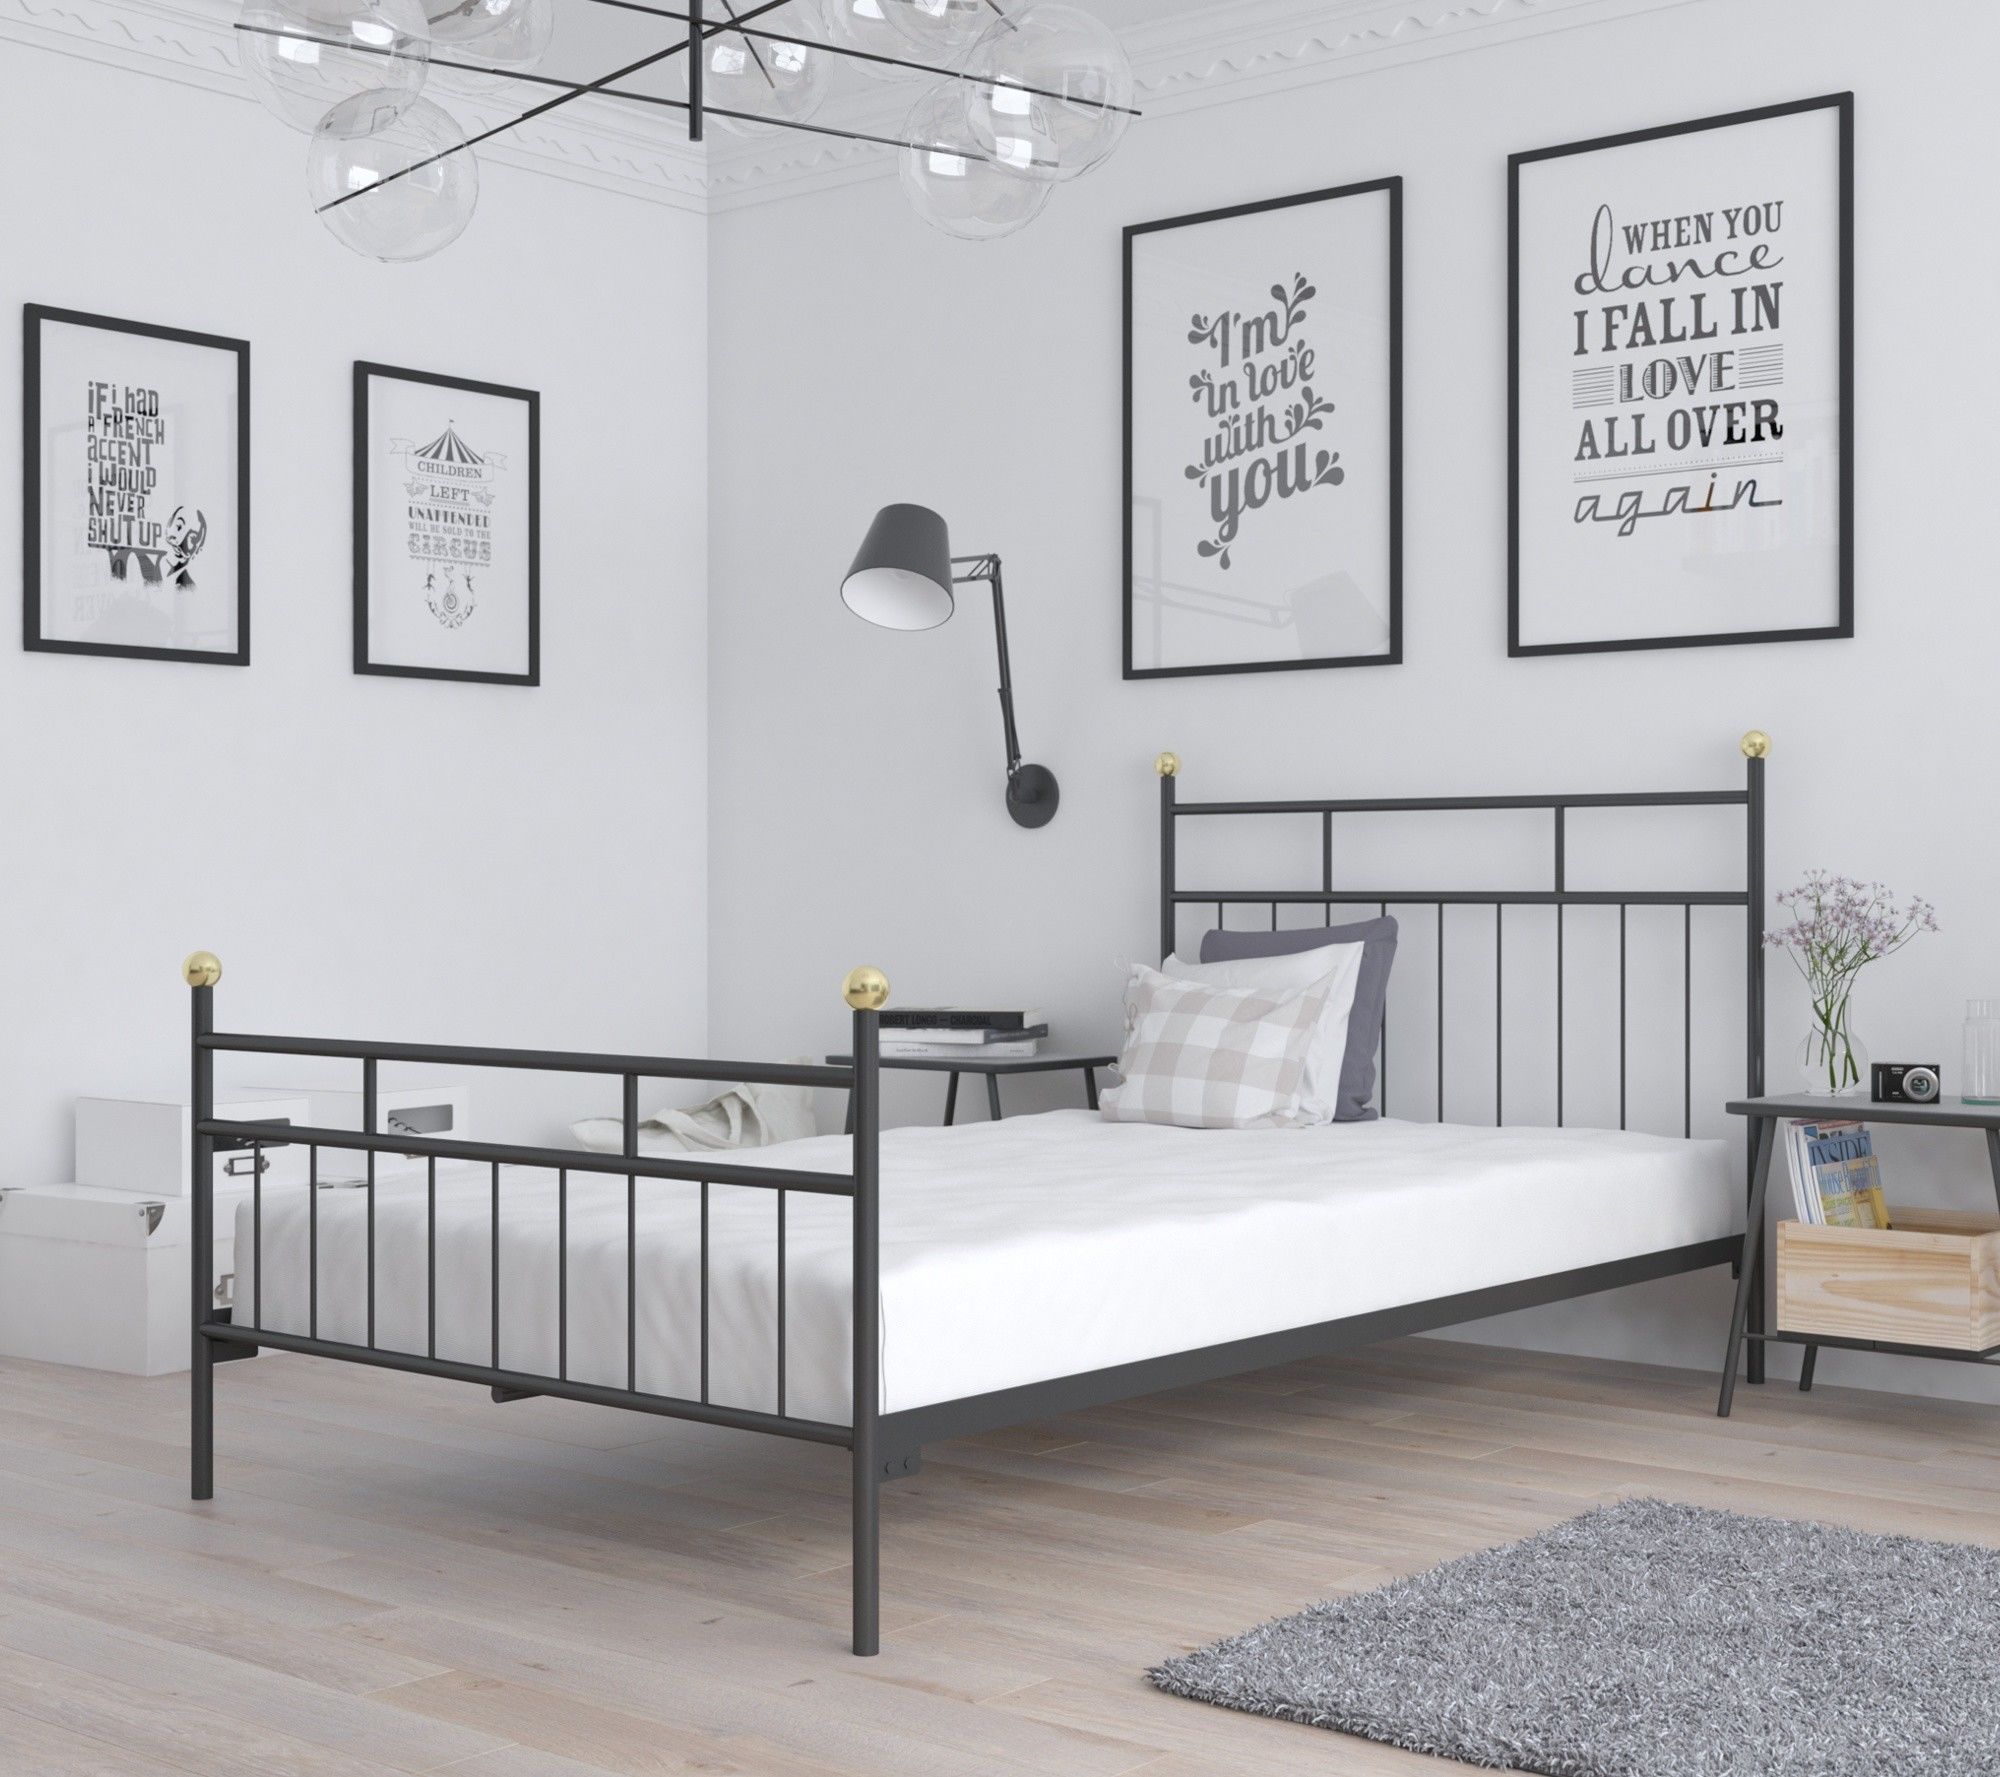 Łóżko metalowe sypialniane 80x180 wzór 27 ze stelażem